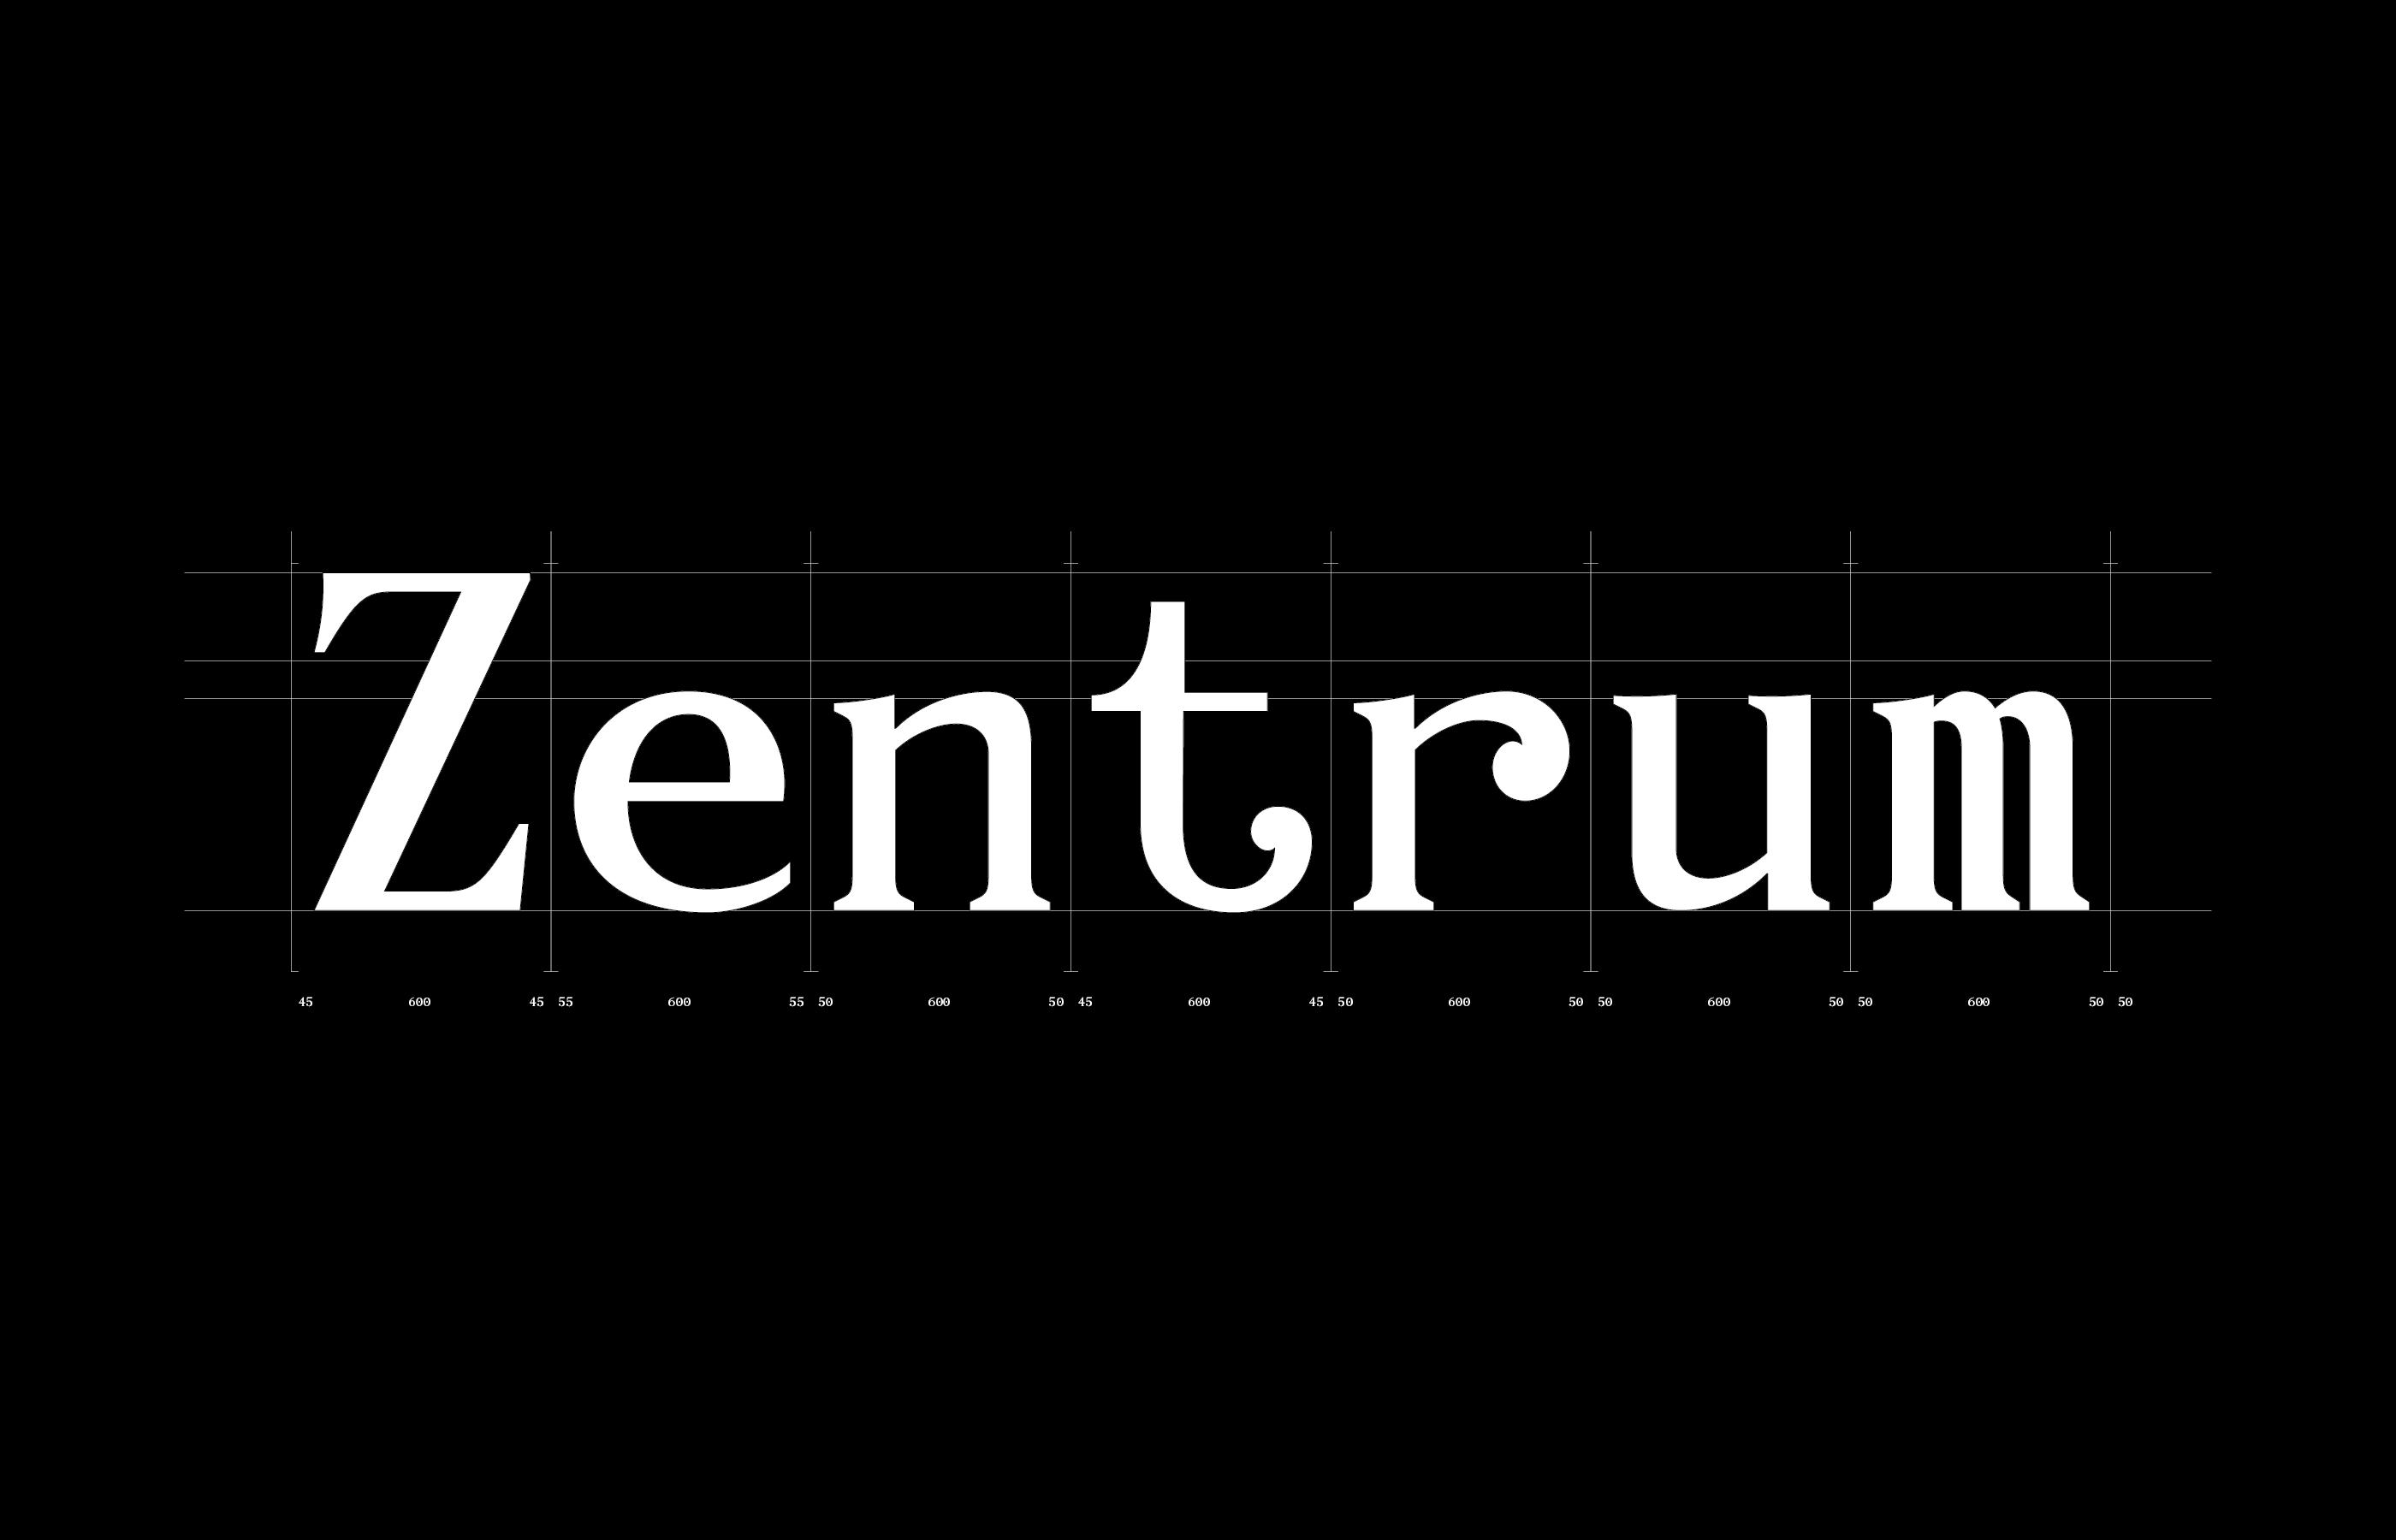 Zentrum_Behance-02-1